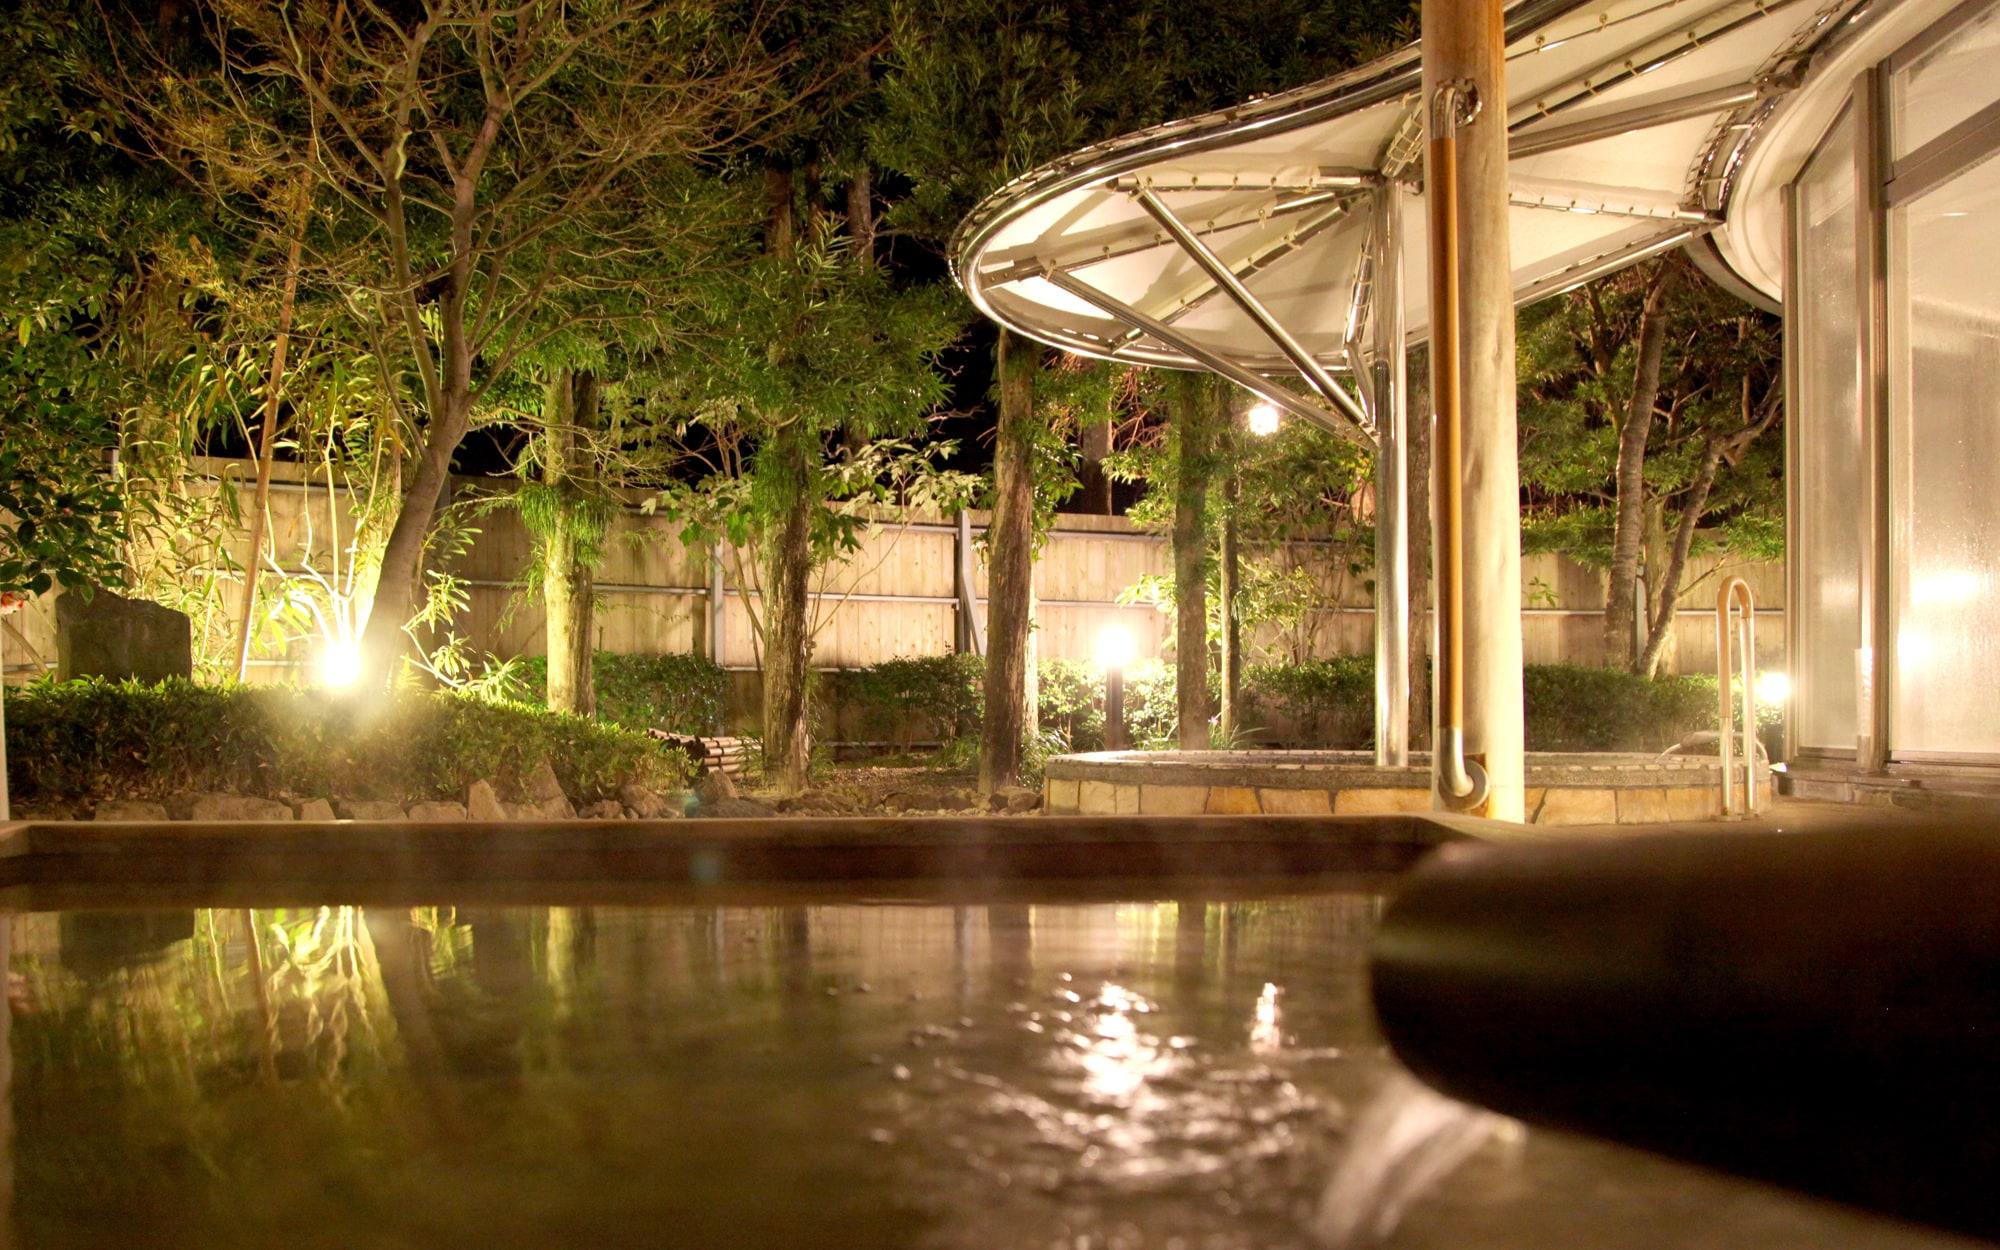 山口県 萩市|世界遺産[萩城下町]唯一の旅館 萩城三の丸 北門屋敷